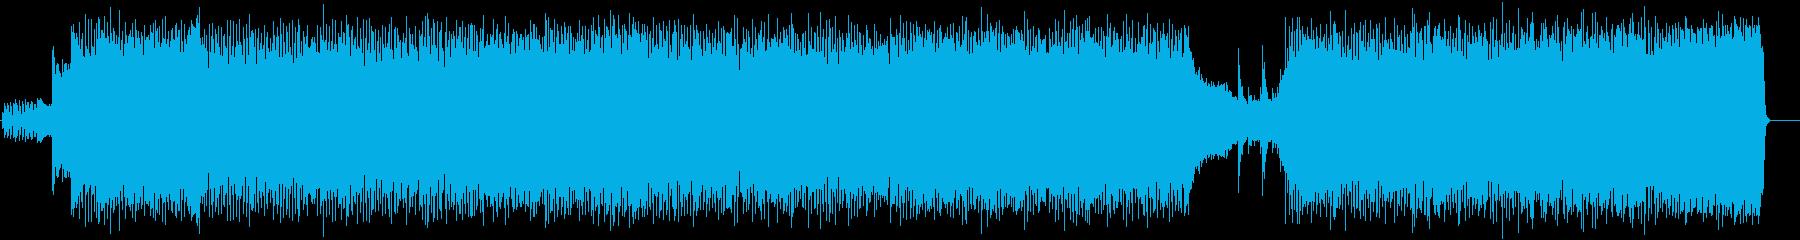 縦ノリの躍動感が熱いハードロックの再生済みの波形